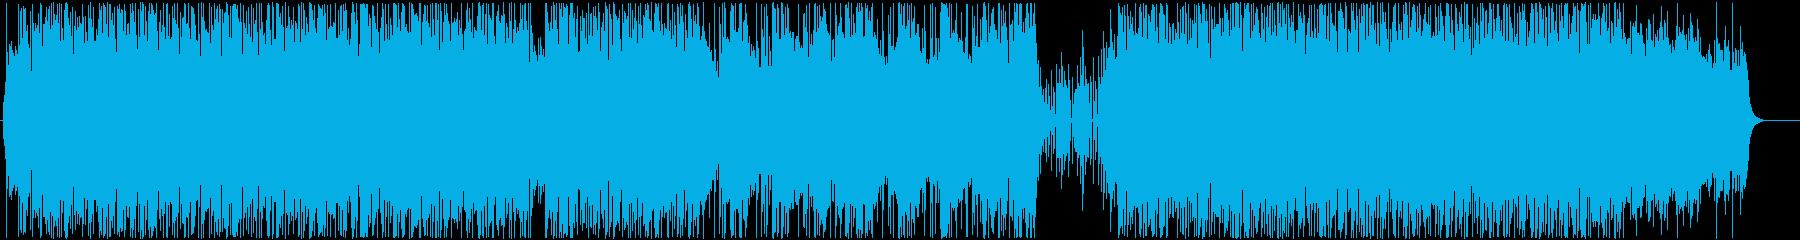 ミニマルなマリンバと、Lo-Fiなビートの再生済みの波形